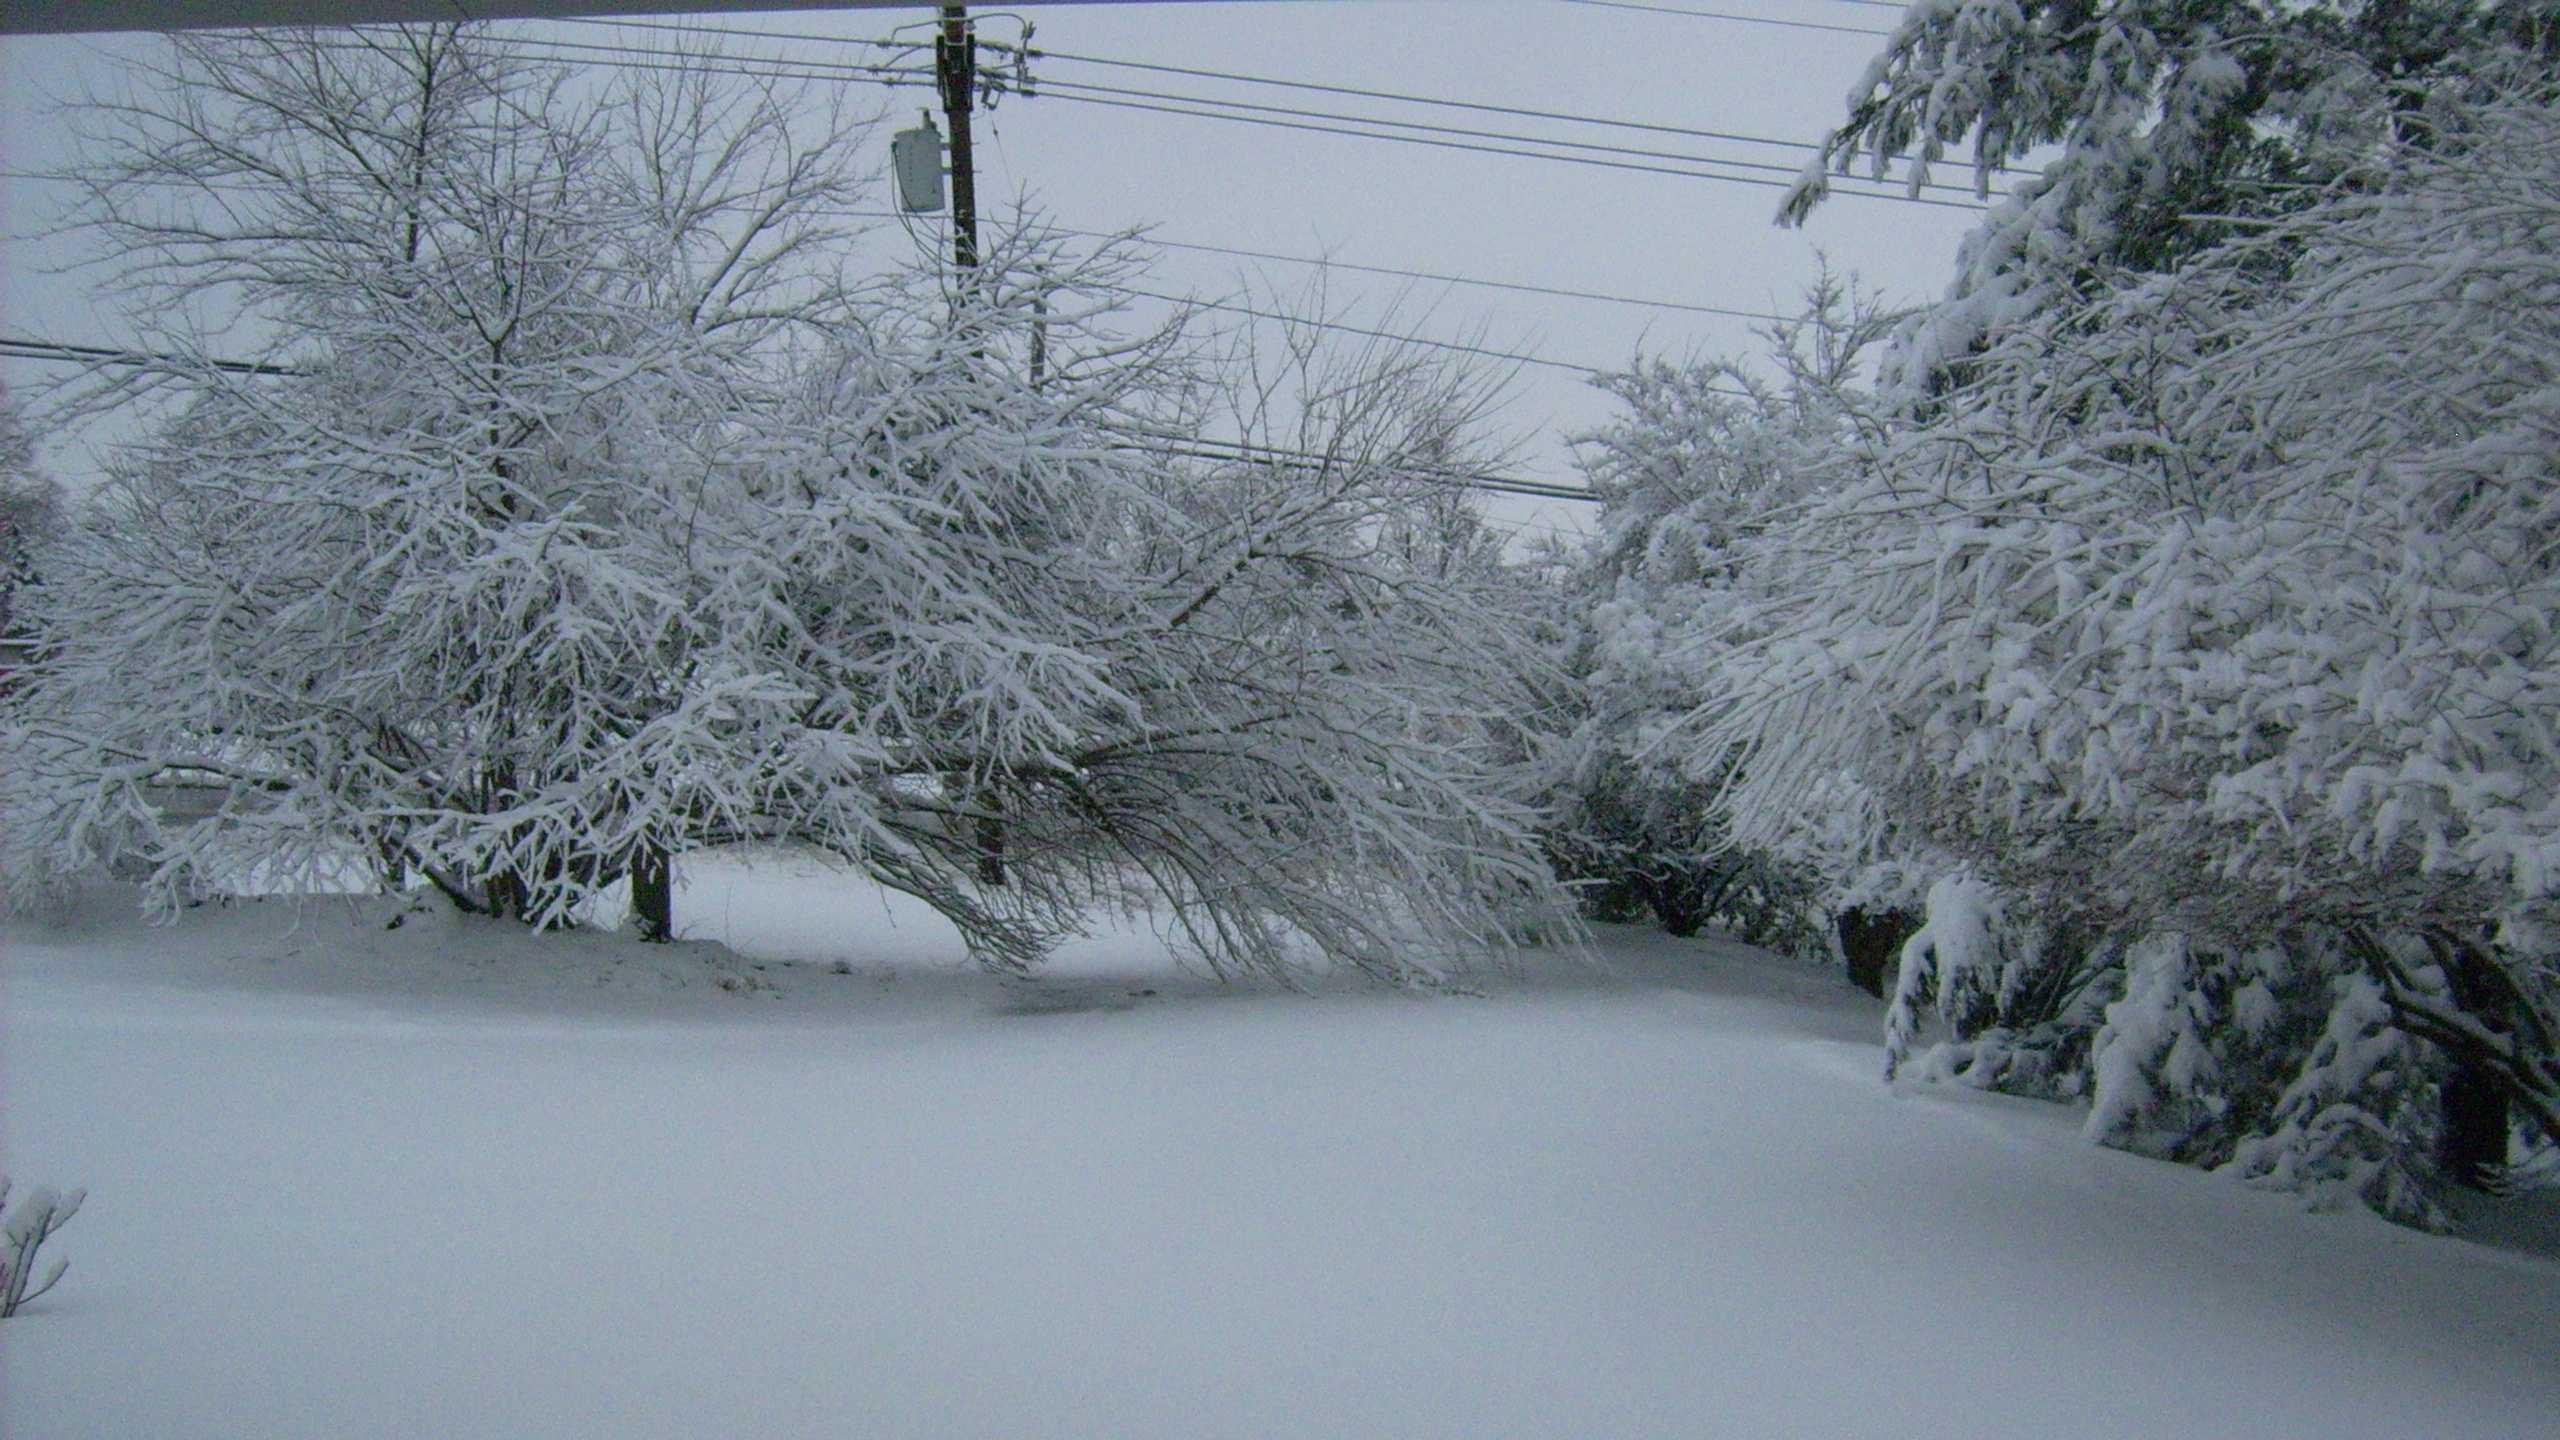 Tree down on Curt's driveway